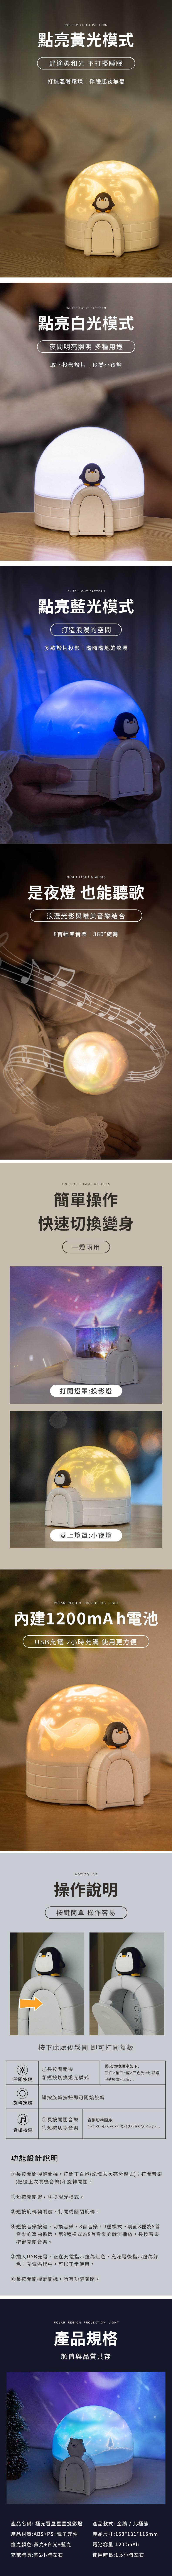 【10/1~10/31週年慶9折優惠】家居生活雜貨舖 極光雪屋星星投影燈 企鵝